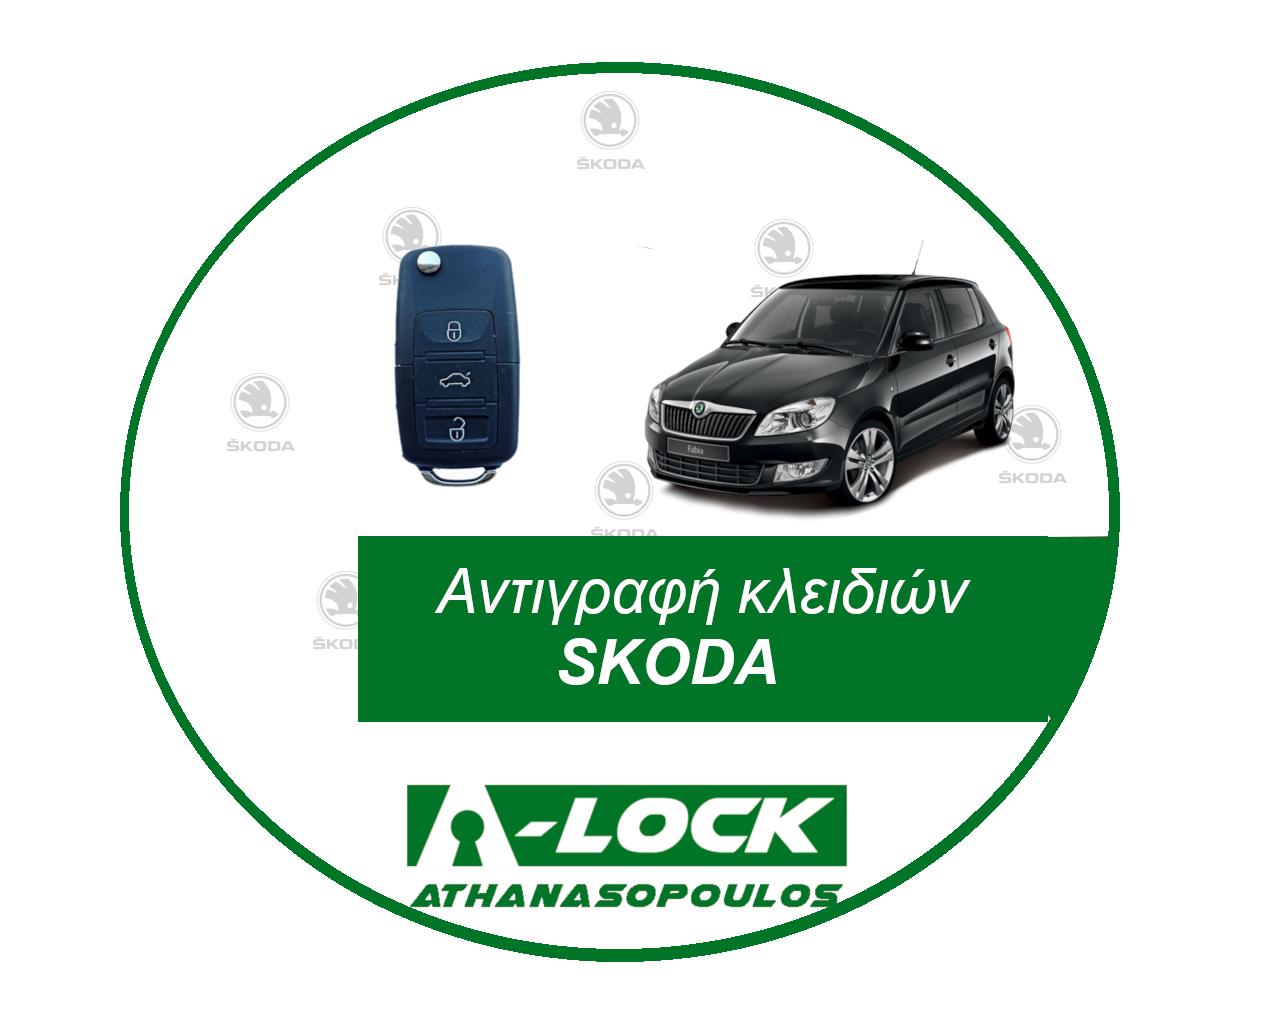 Αντιγραφές Κλειδιών Immobilizer Αυτοκινήτου SKODA - 24 Ωρες Κλειδαράς Γαλάτσι A-Lock Αθανασόπουλος